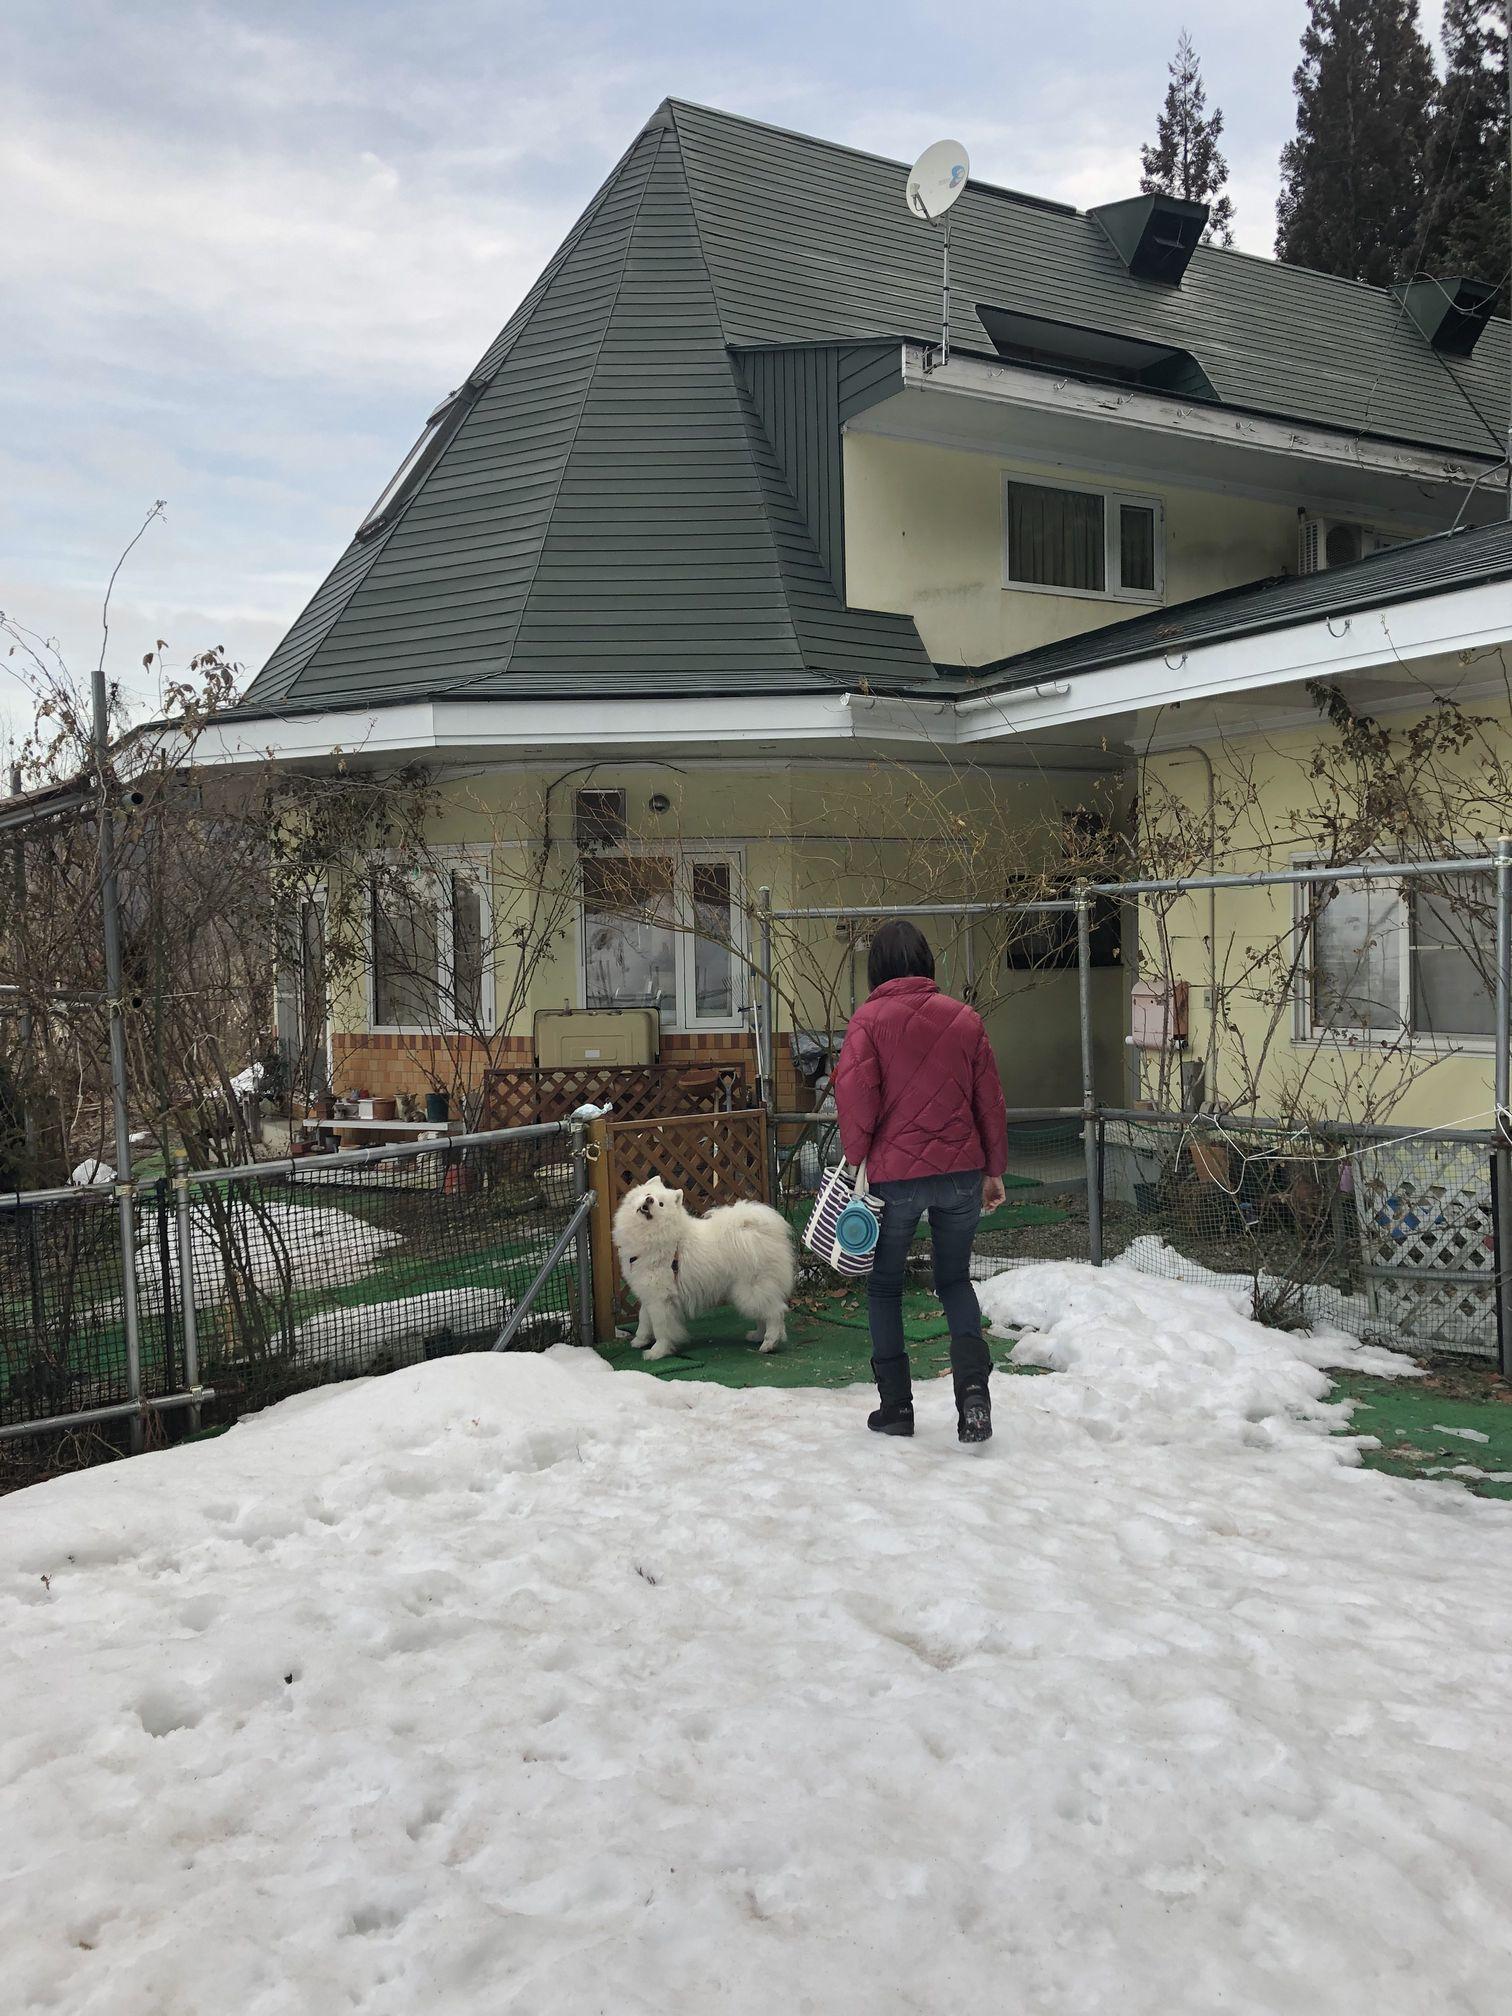 2019年冬 群馬~岐阜~石川県旅行 その2_f0128542_01221624.jpg